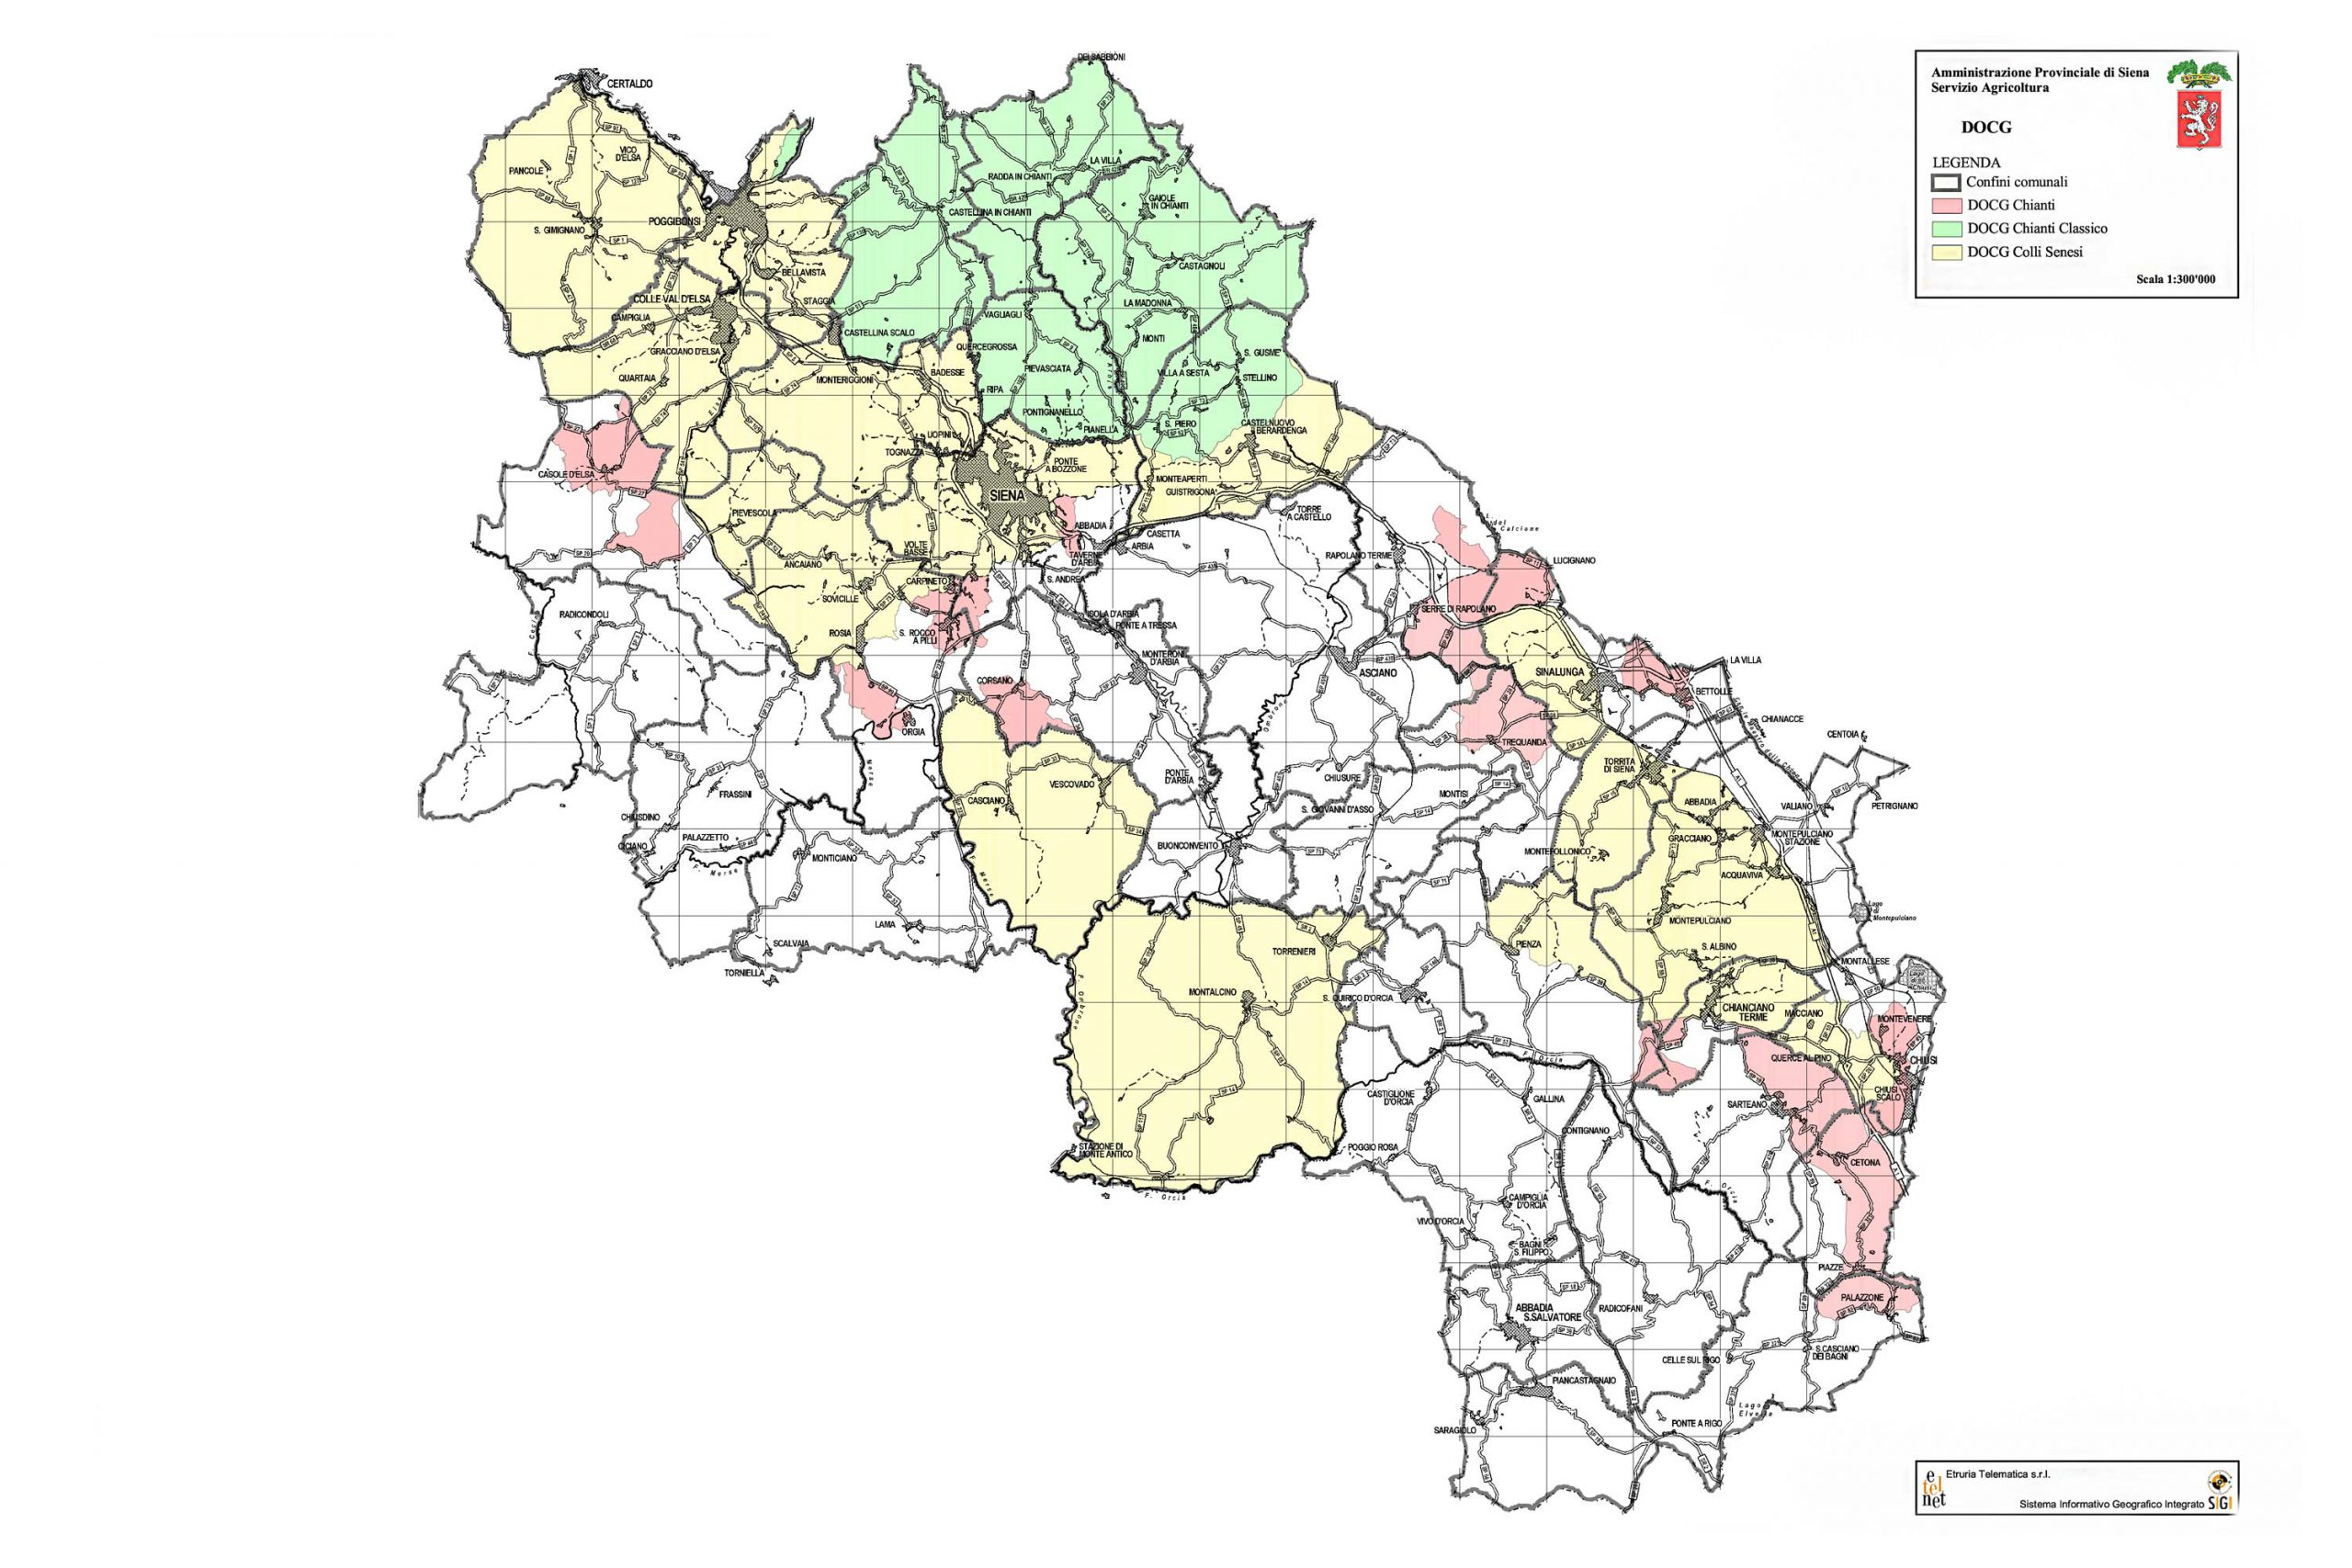 Mappa Dogc Chianti